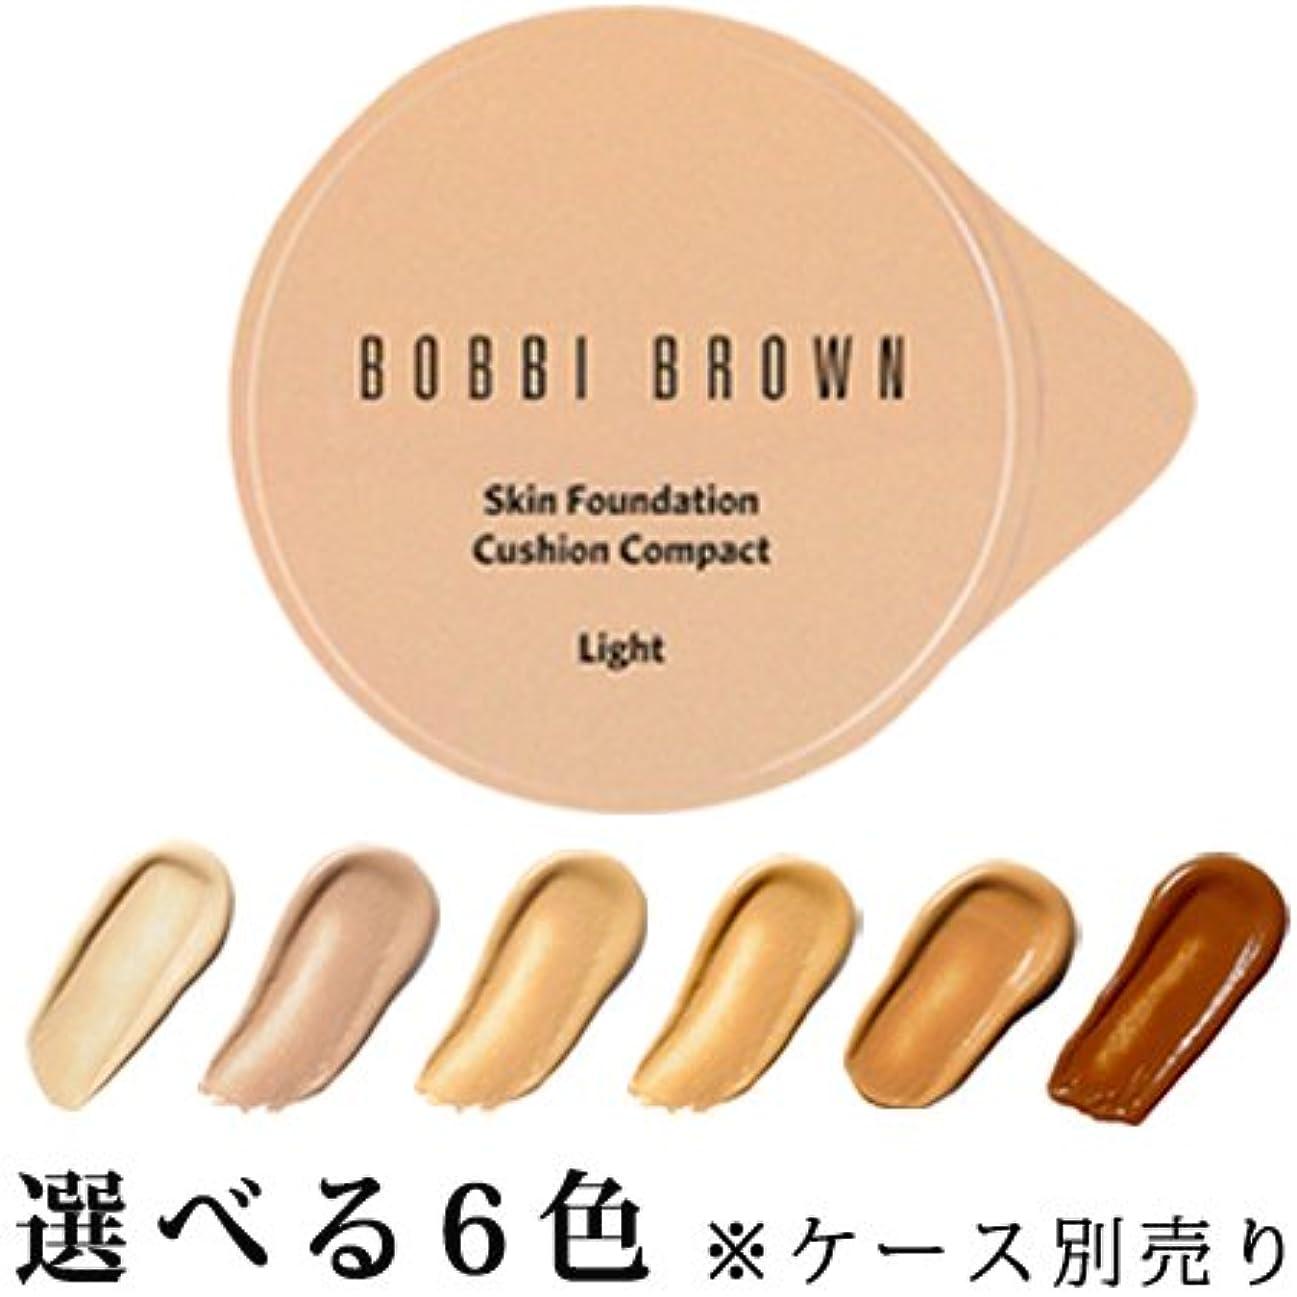 はねかける考古学的なエンジンボビイブラウン スキン ファンデーション クッション コンパクト SPF 50 (PA+++) レフィル(スポンジ付)6色展開 -BOBBI BROWN- ライト